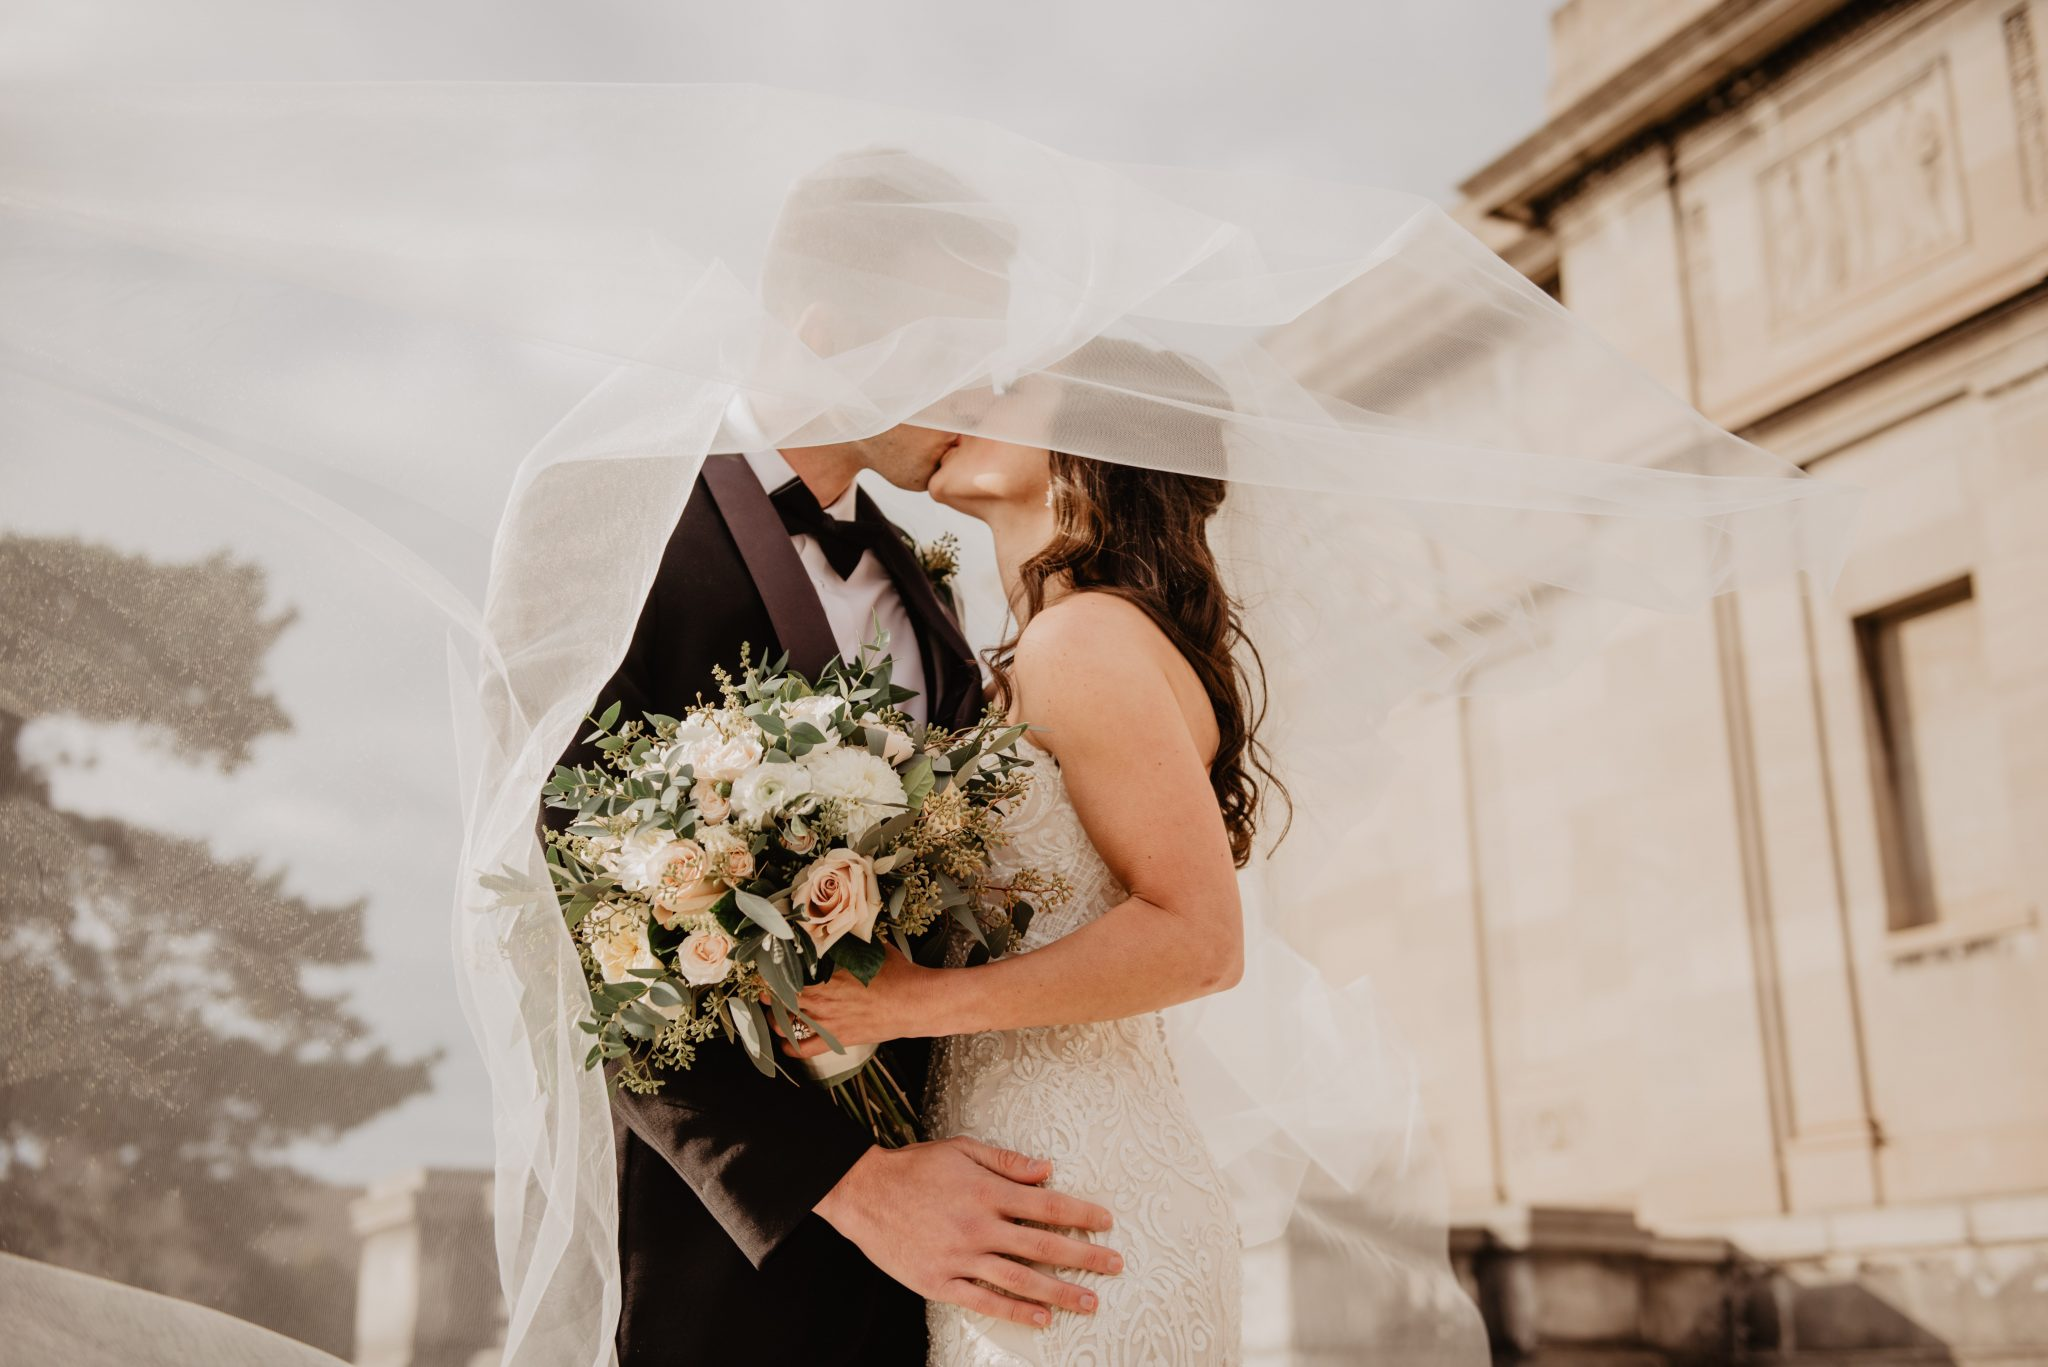 How to pick a wedding vendor